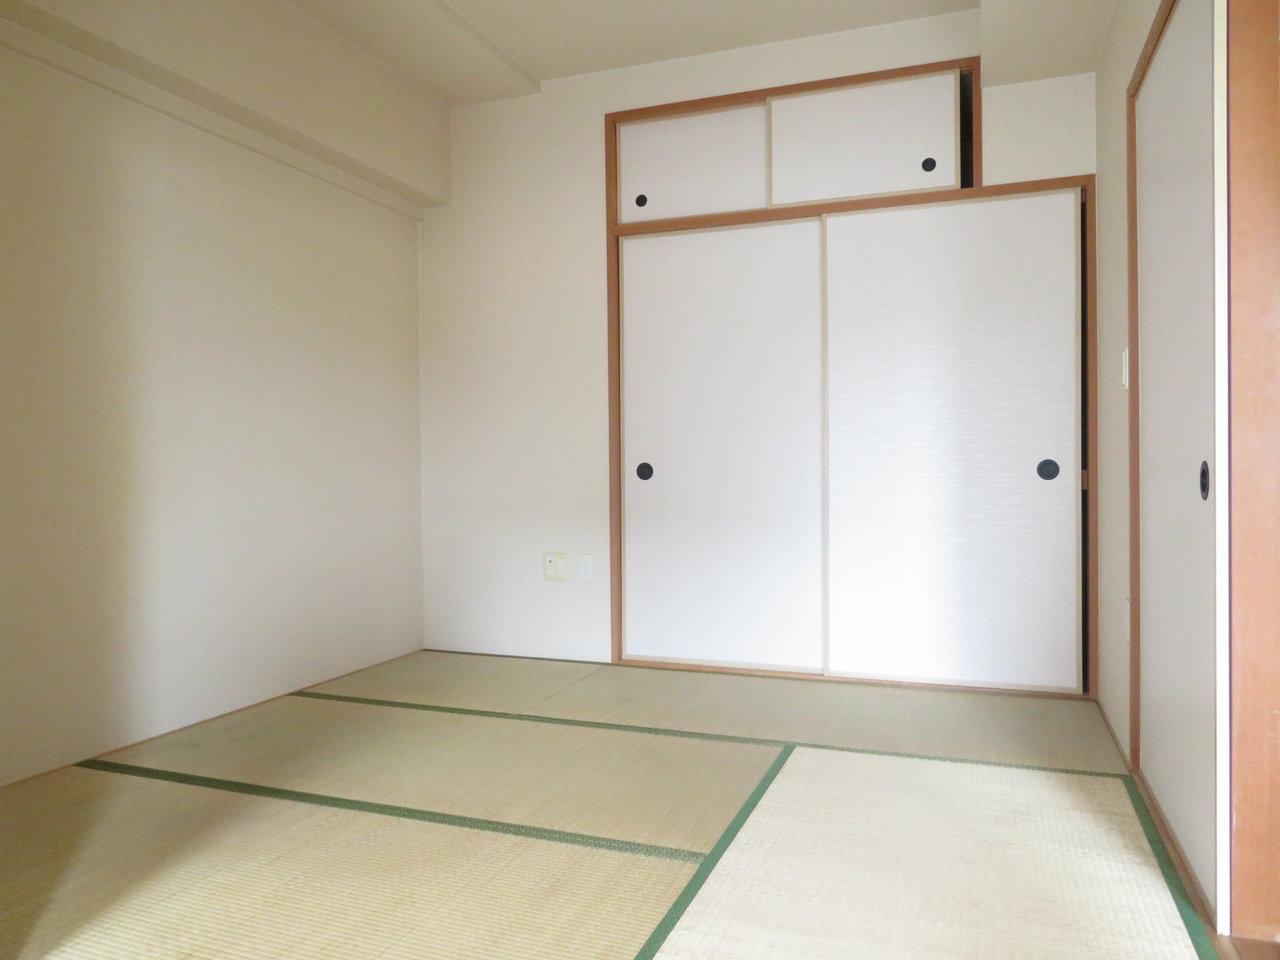 またこちらのお部屋は和室付き。家の中にひとつ、和室があるだけでも落ち着くから、日本人だなぁって感じます。子どもが大きくなったら、ここを大人の寝室にしてしまえばいいですね。